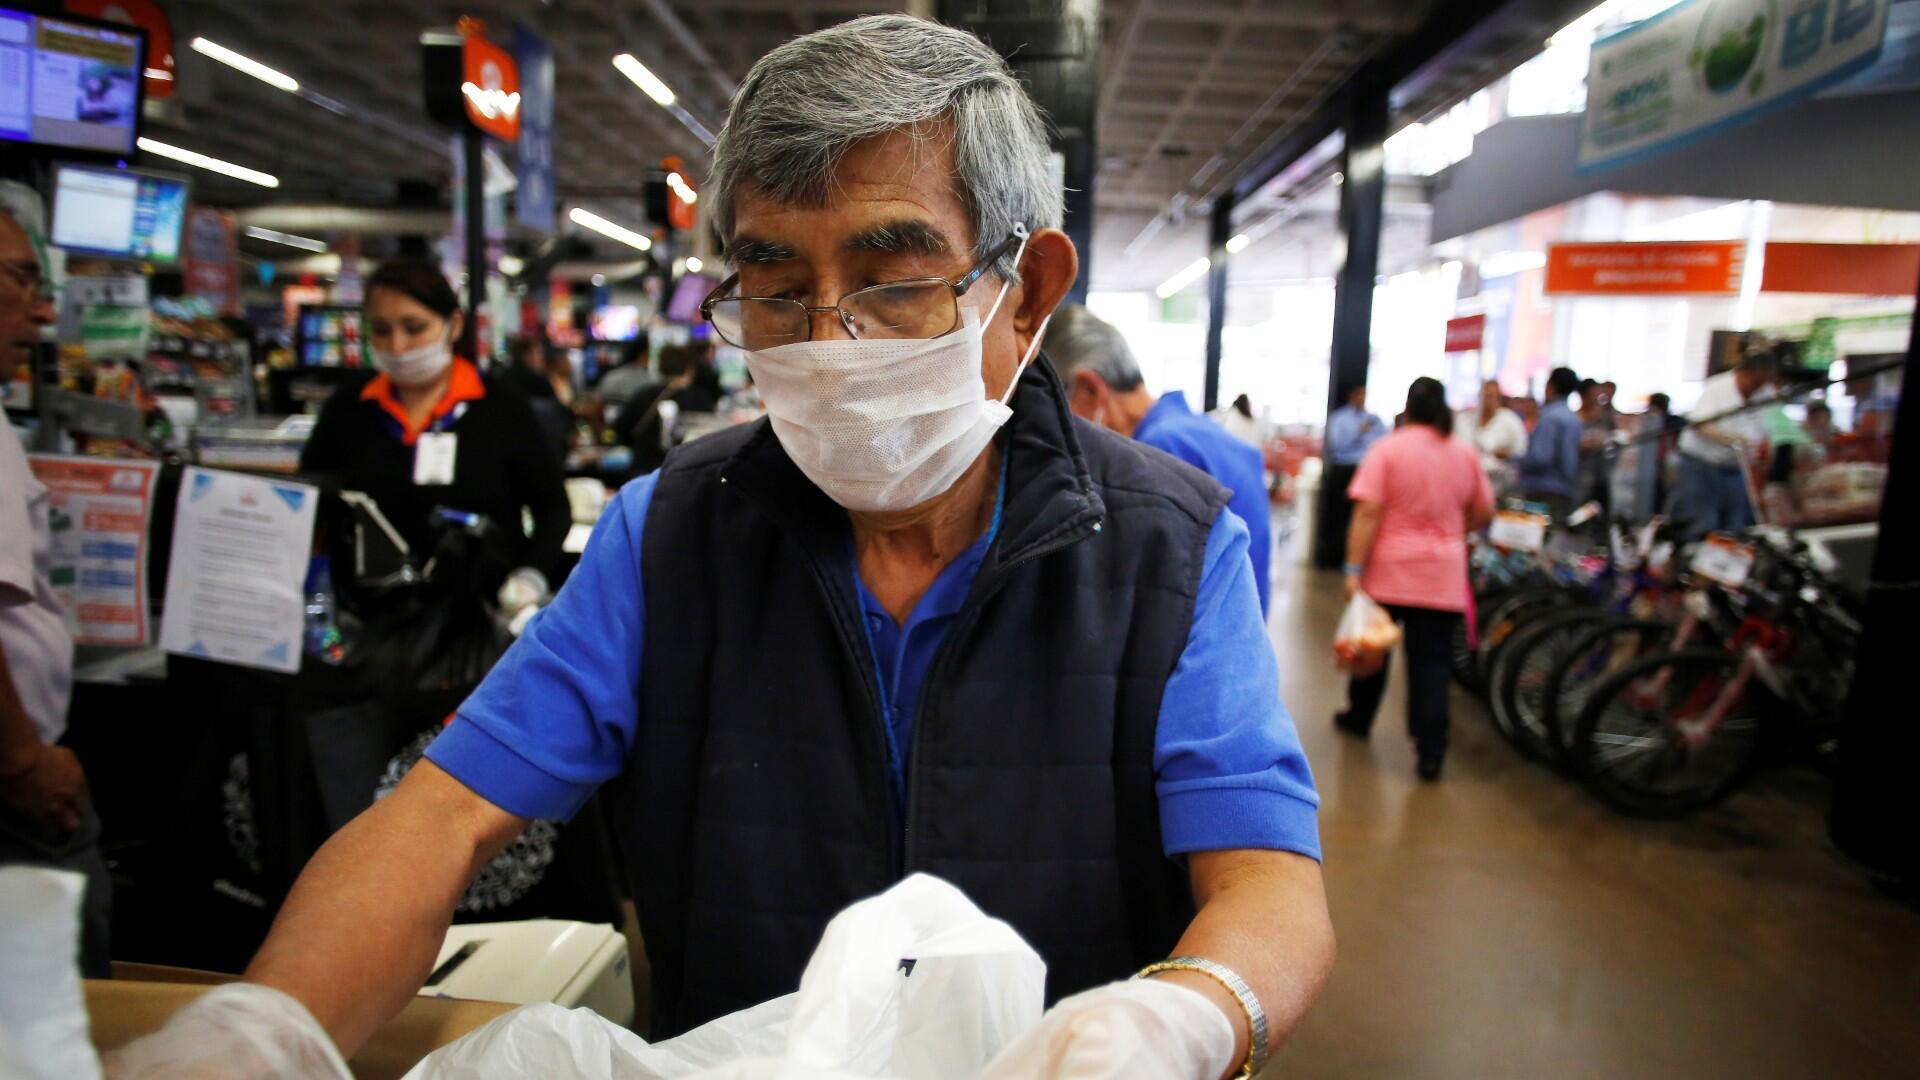 Un anciano, que trabaja como empacador en un supermercado, usa una mascarilla protectora como medida de seguridad para la enfermedad por coronavirus (COVID-19), en la Ciudad de México, México, 17 de marzo de 2020. Fotografía tomada el 17 de marzo de 2020.